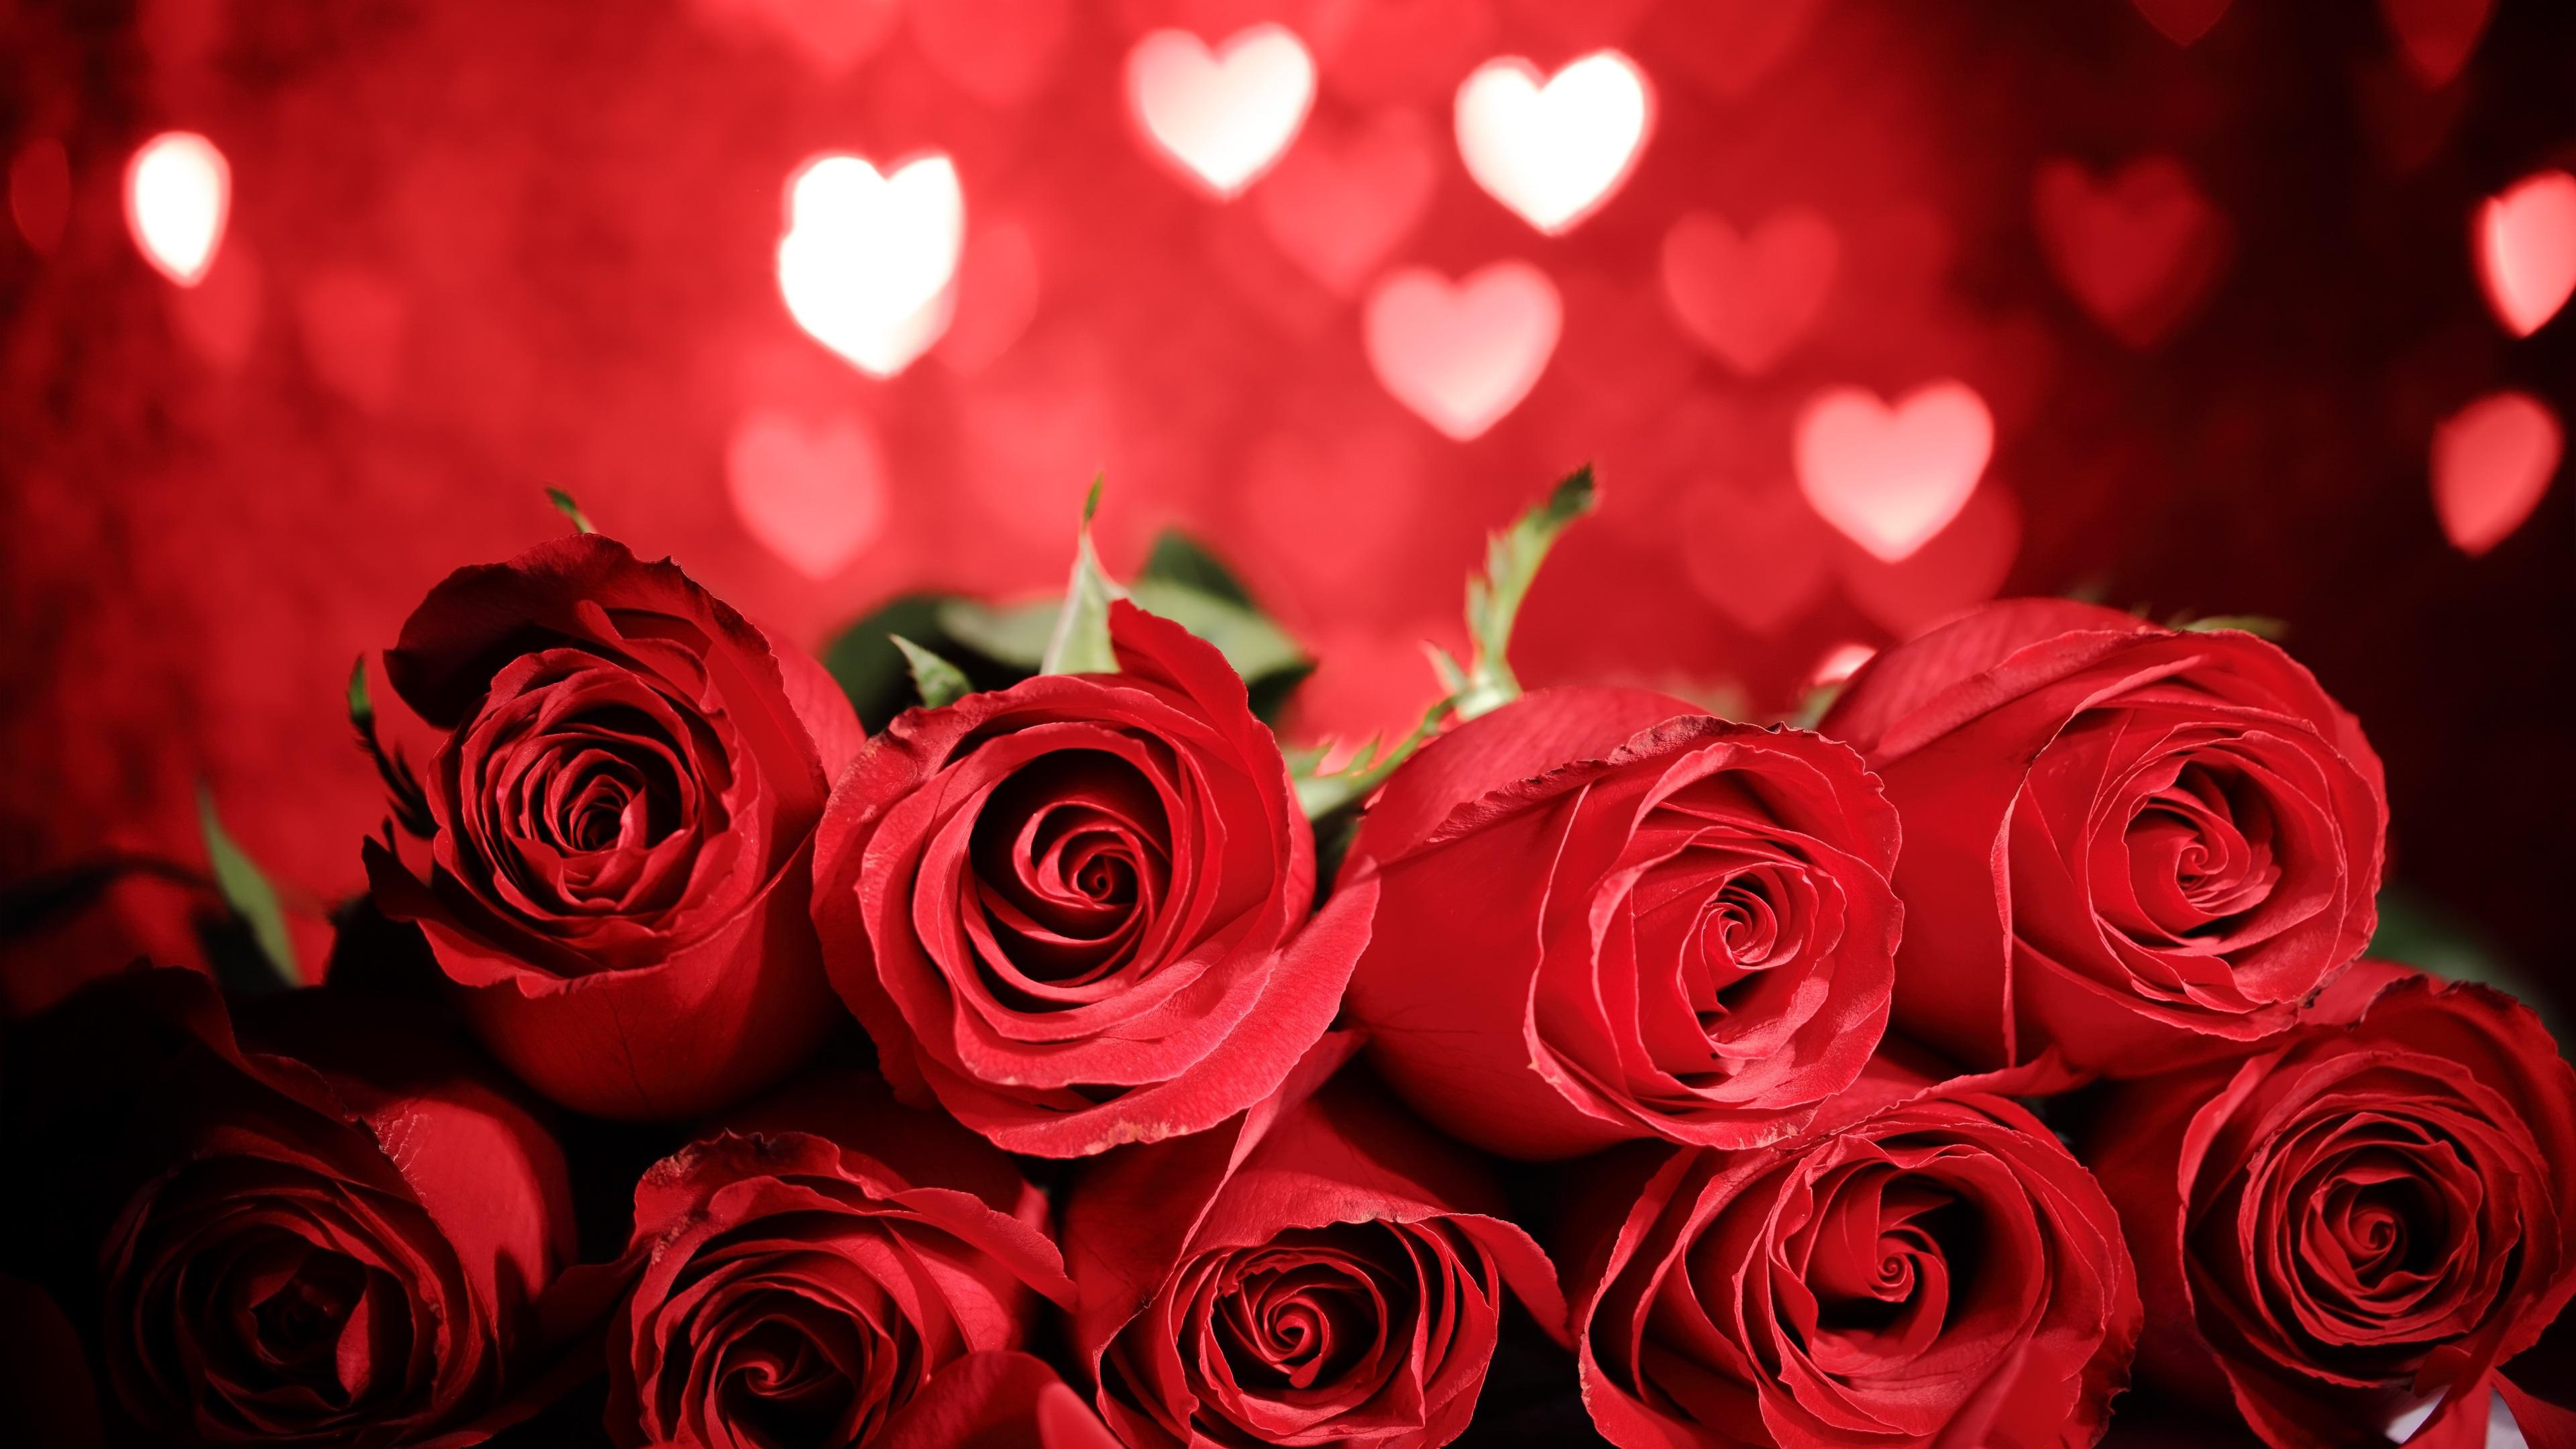 Fondos De Pantalla Hermosas Rosas Rojas, Fondo De Corazón